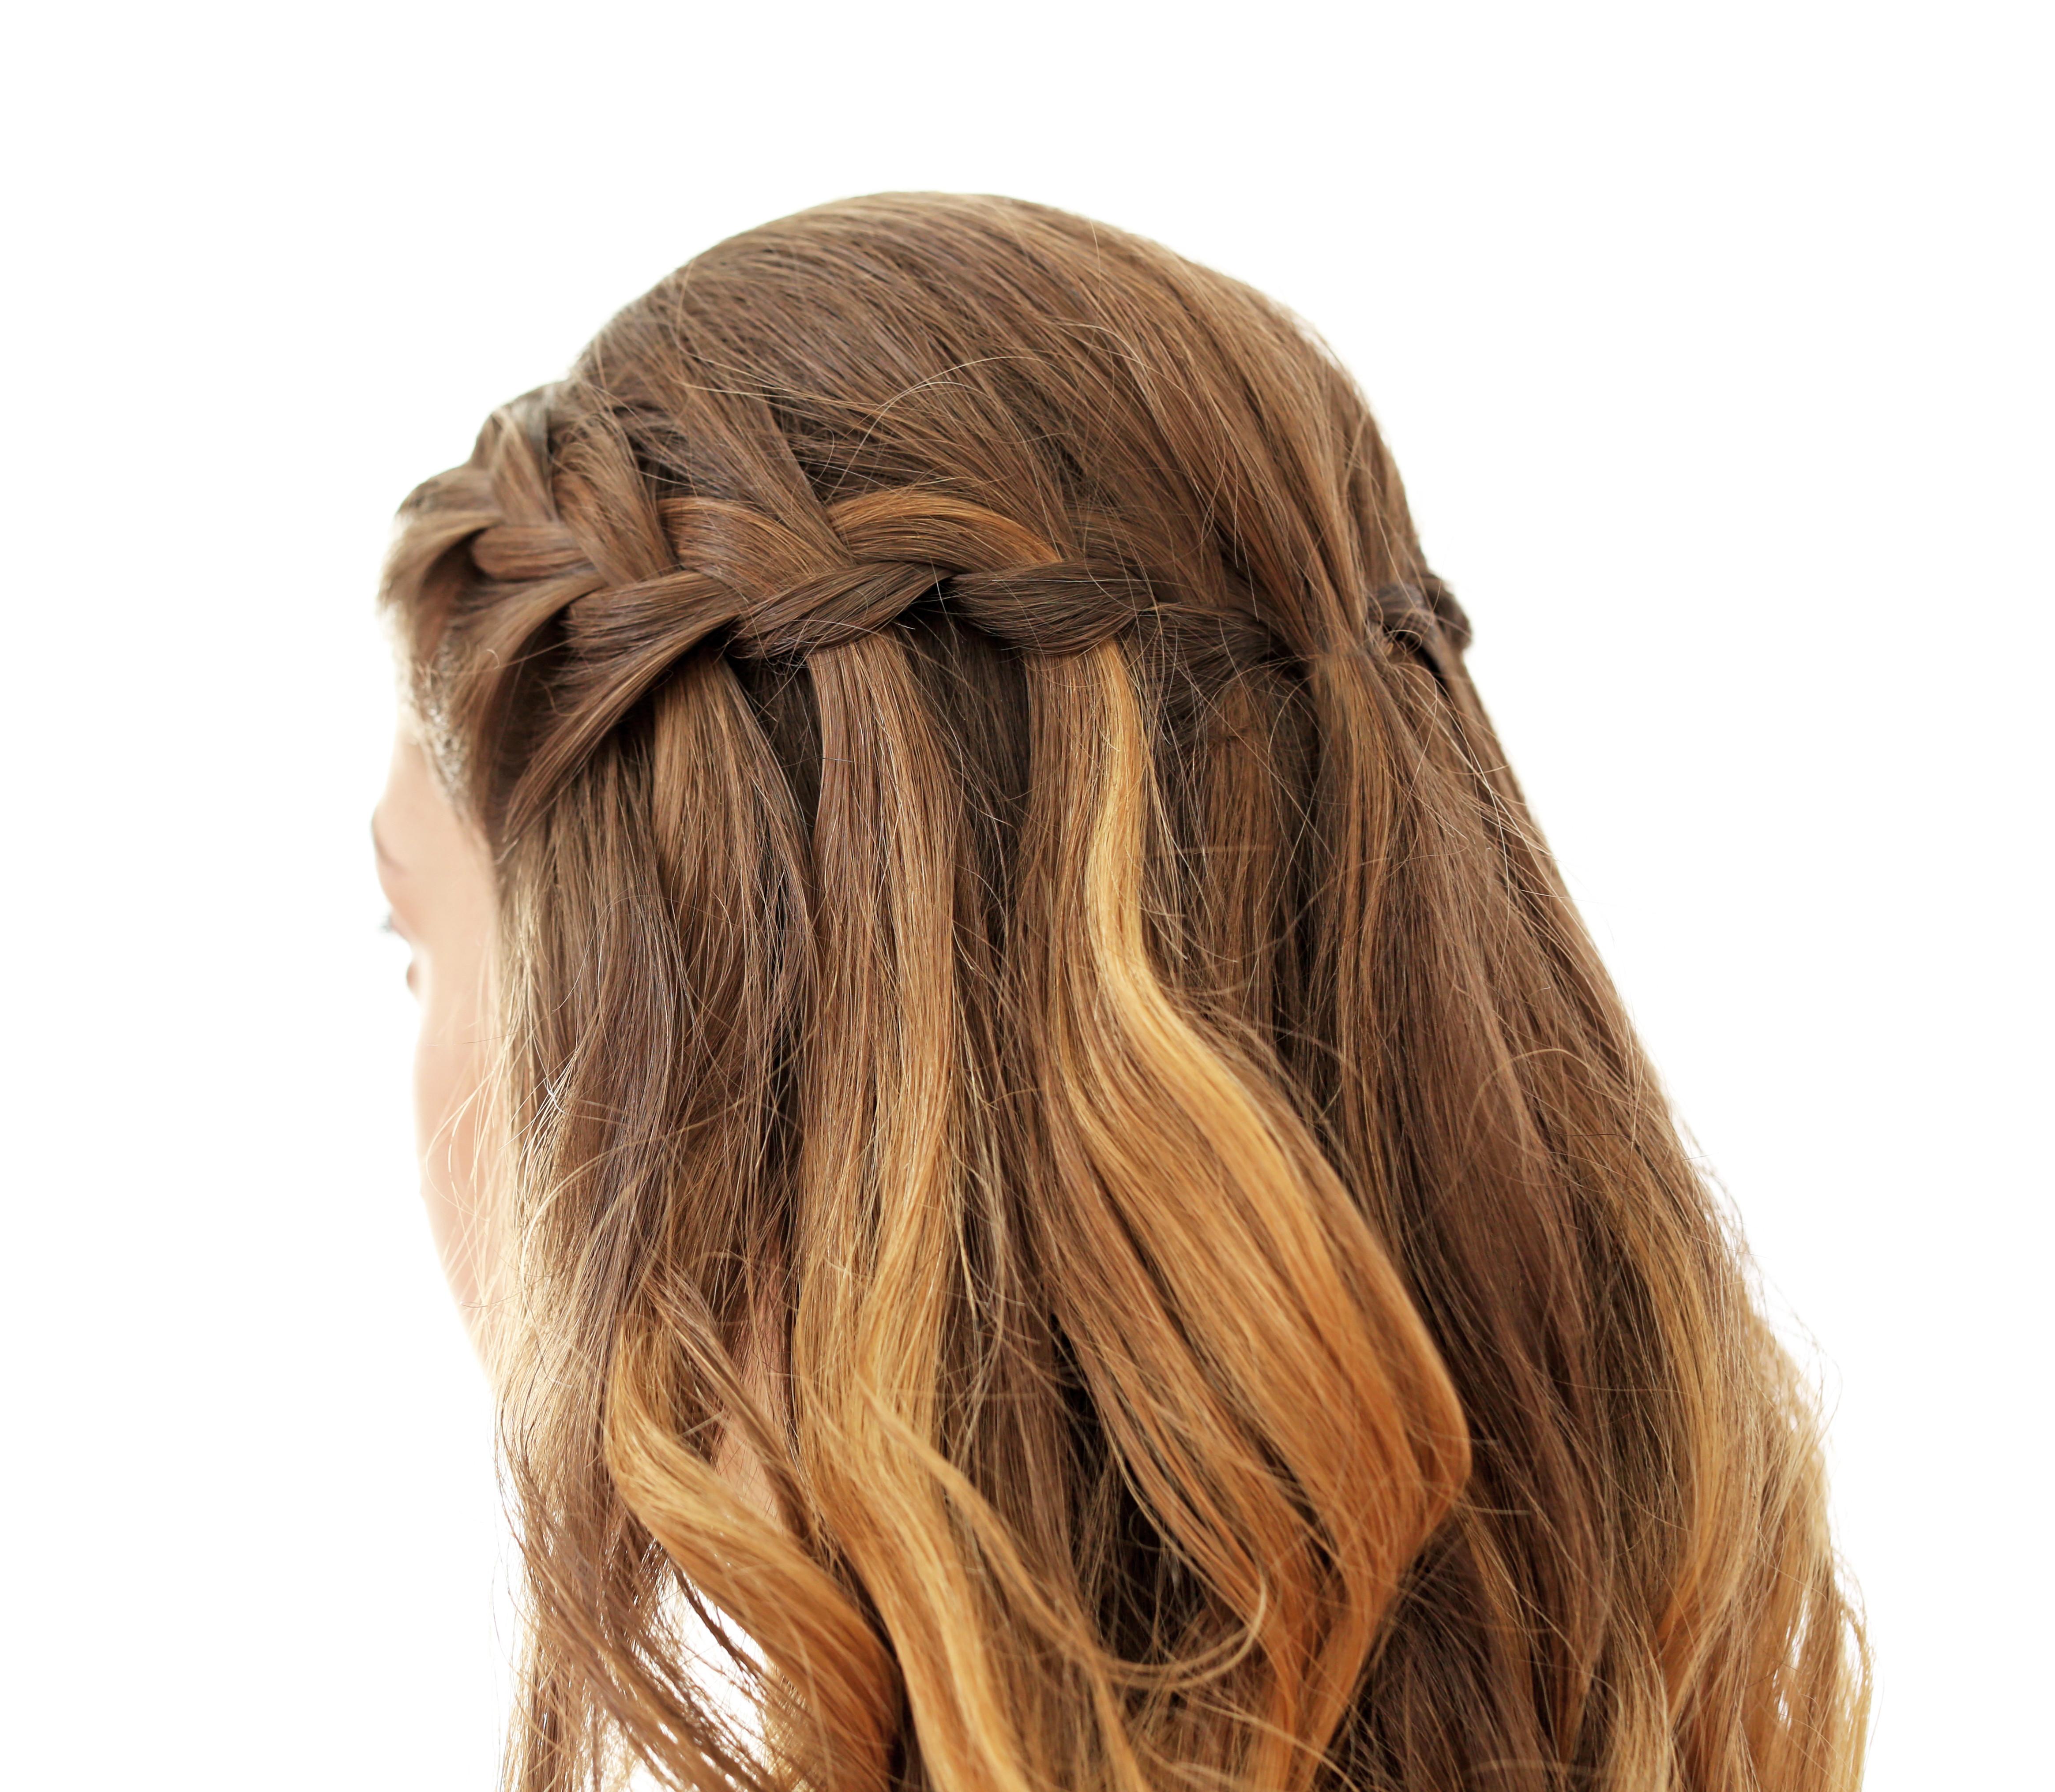 意外と簡単 ウォーターフォールのヘアアレンジ 簡単にできるやり方